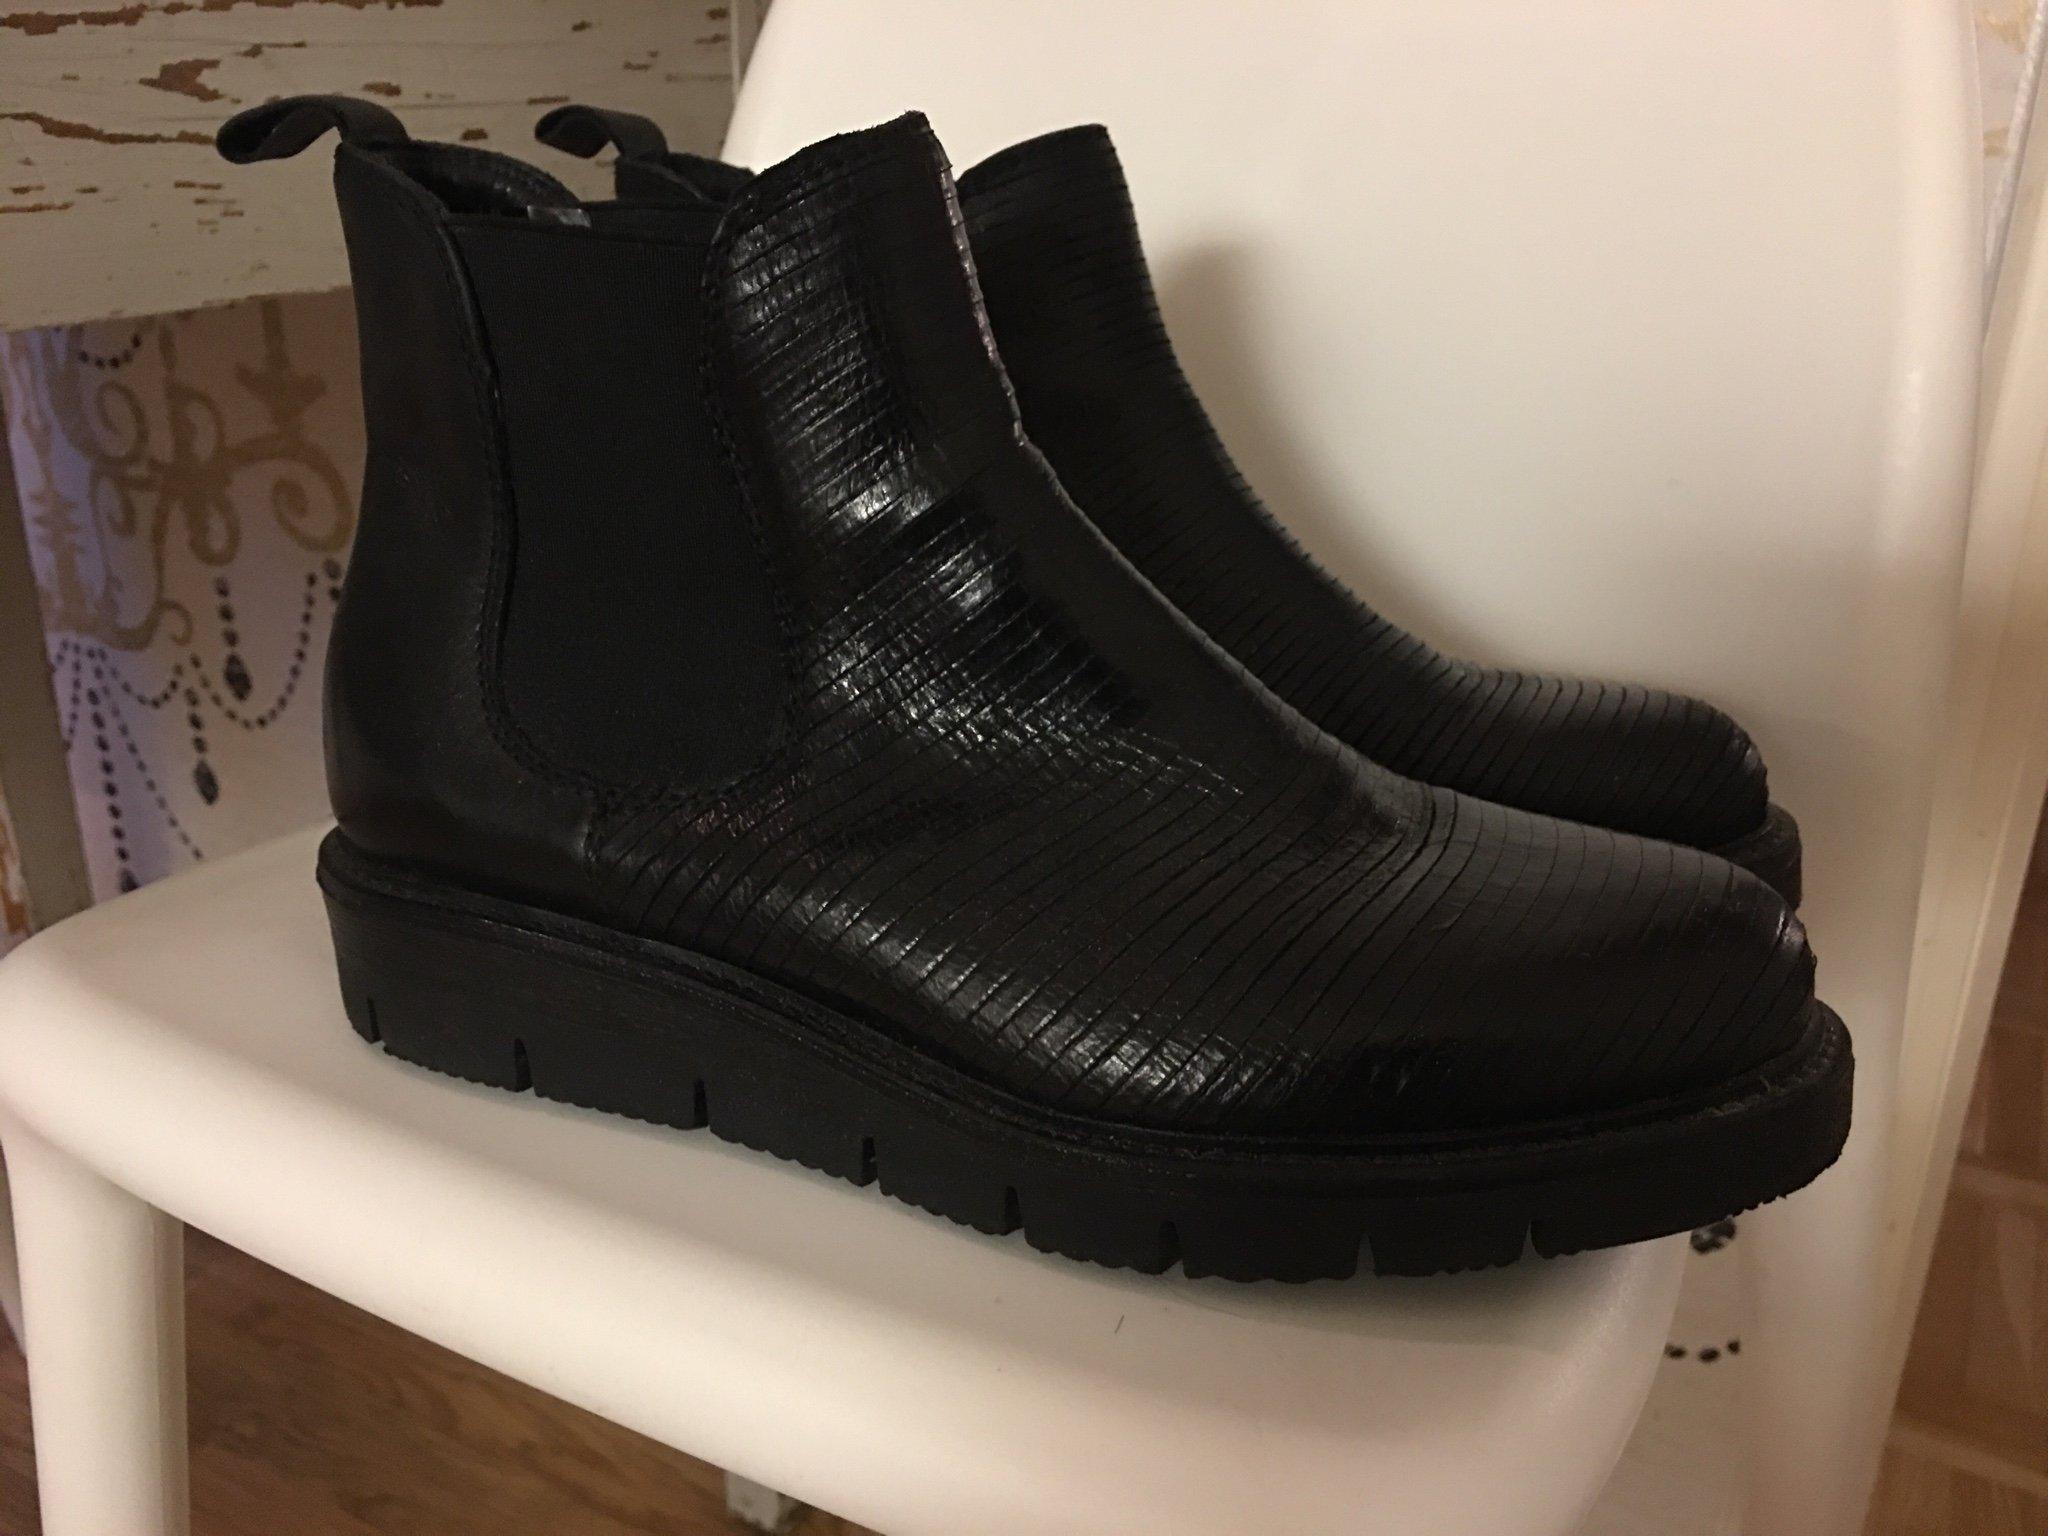 Trampolin Rosa Negra | Boots Kängor | Damskor